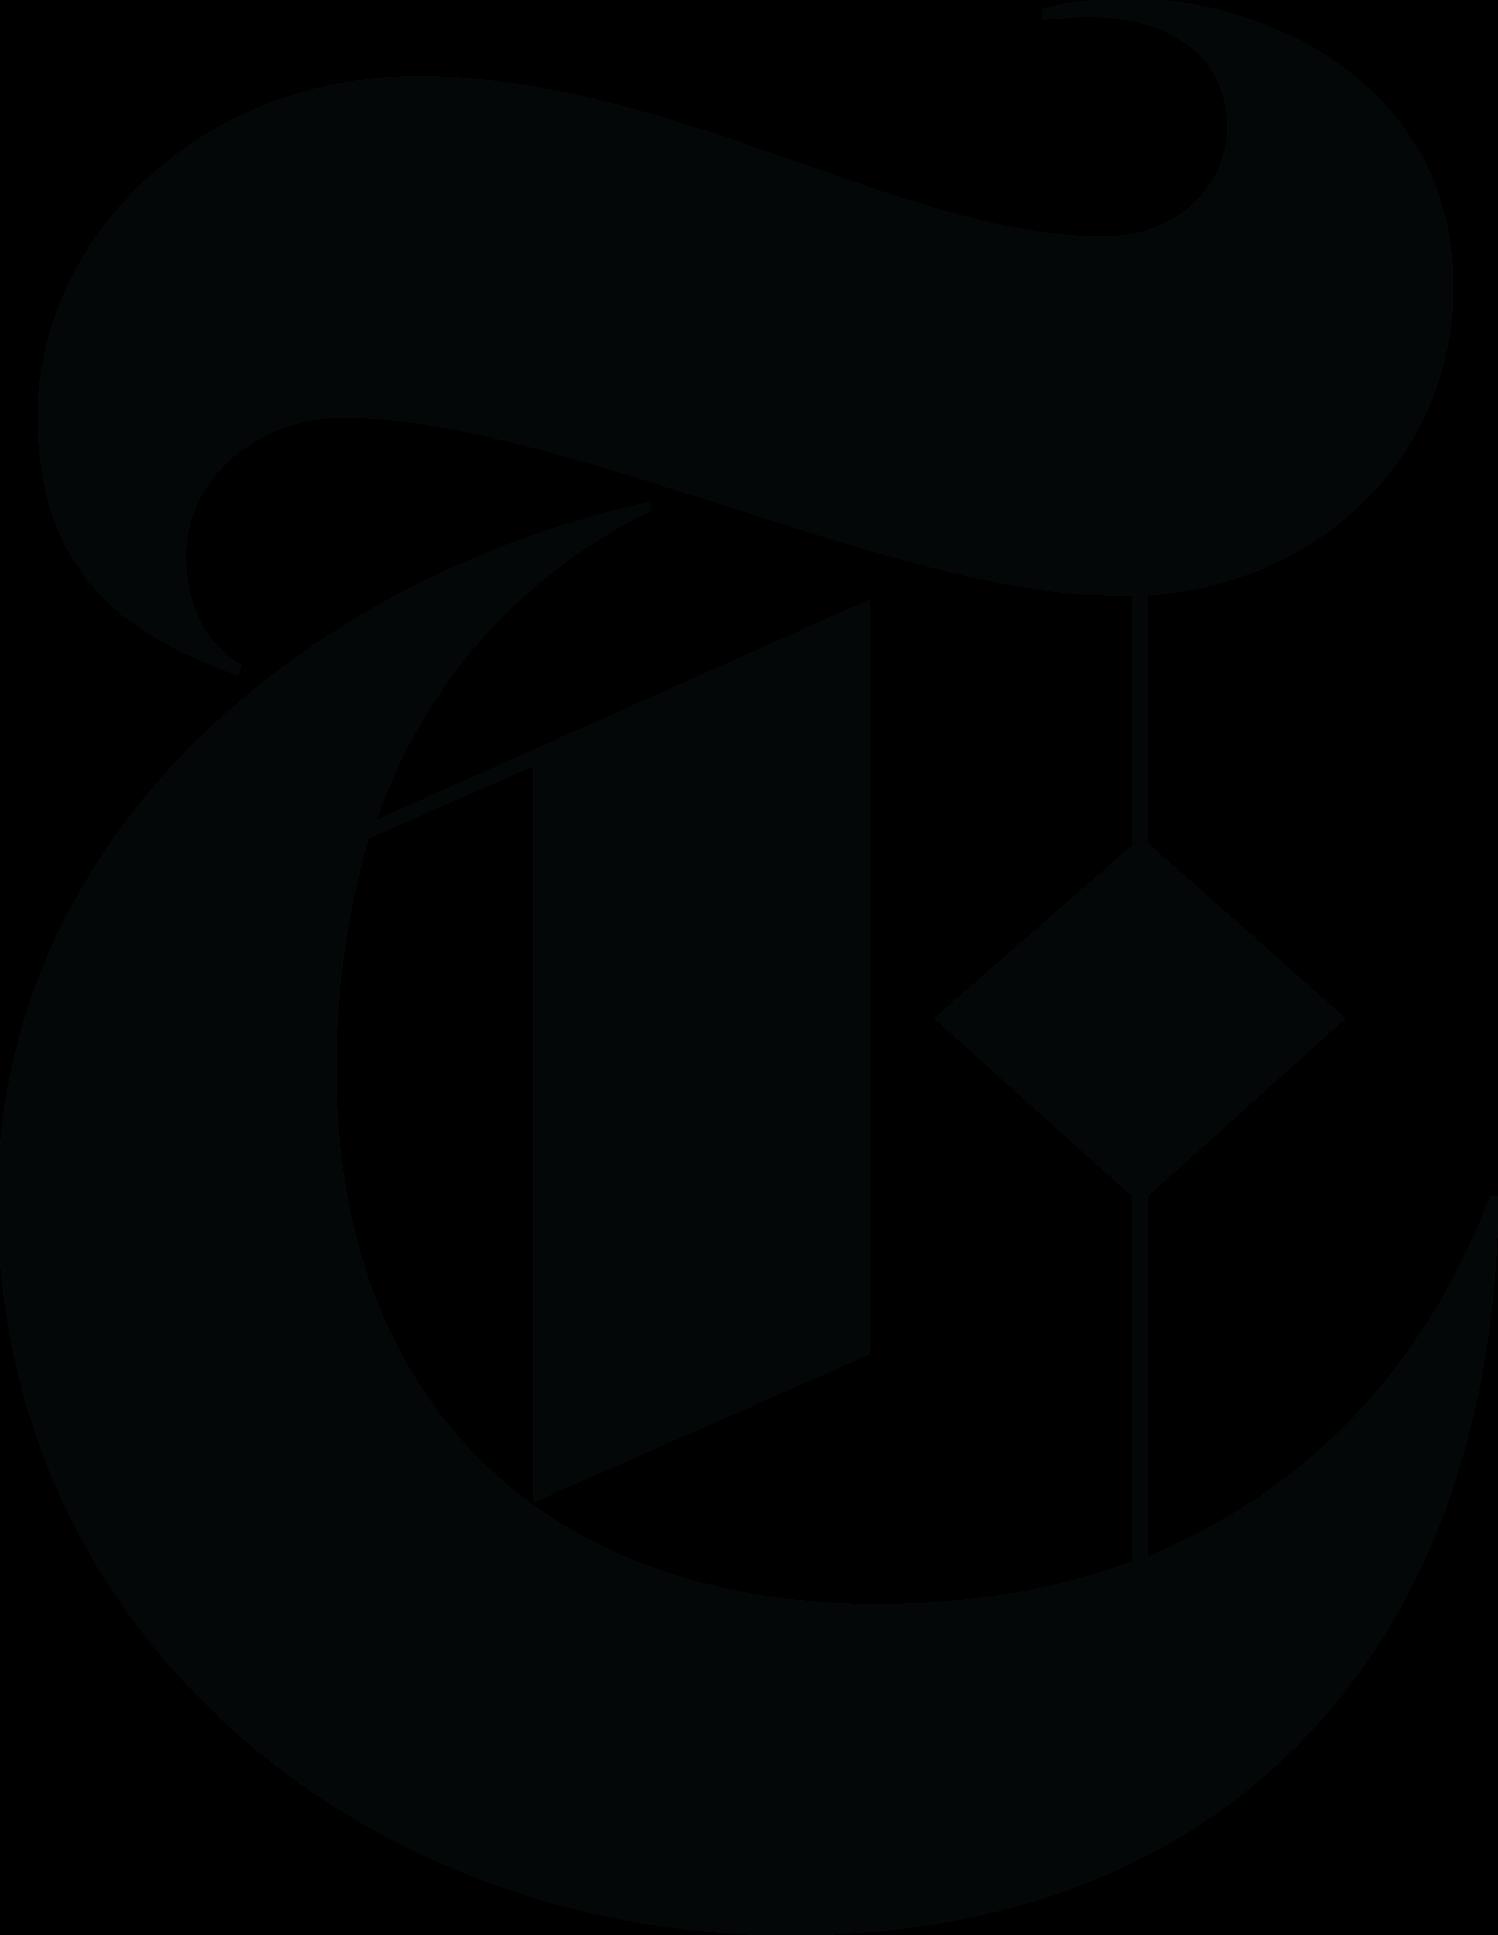 nytimes-classicalmusicroundup-2017